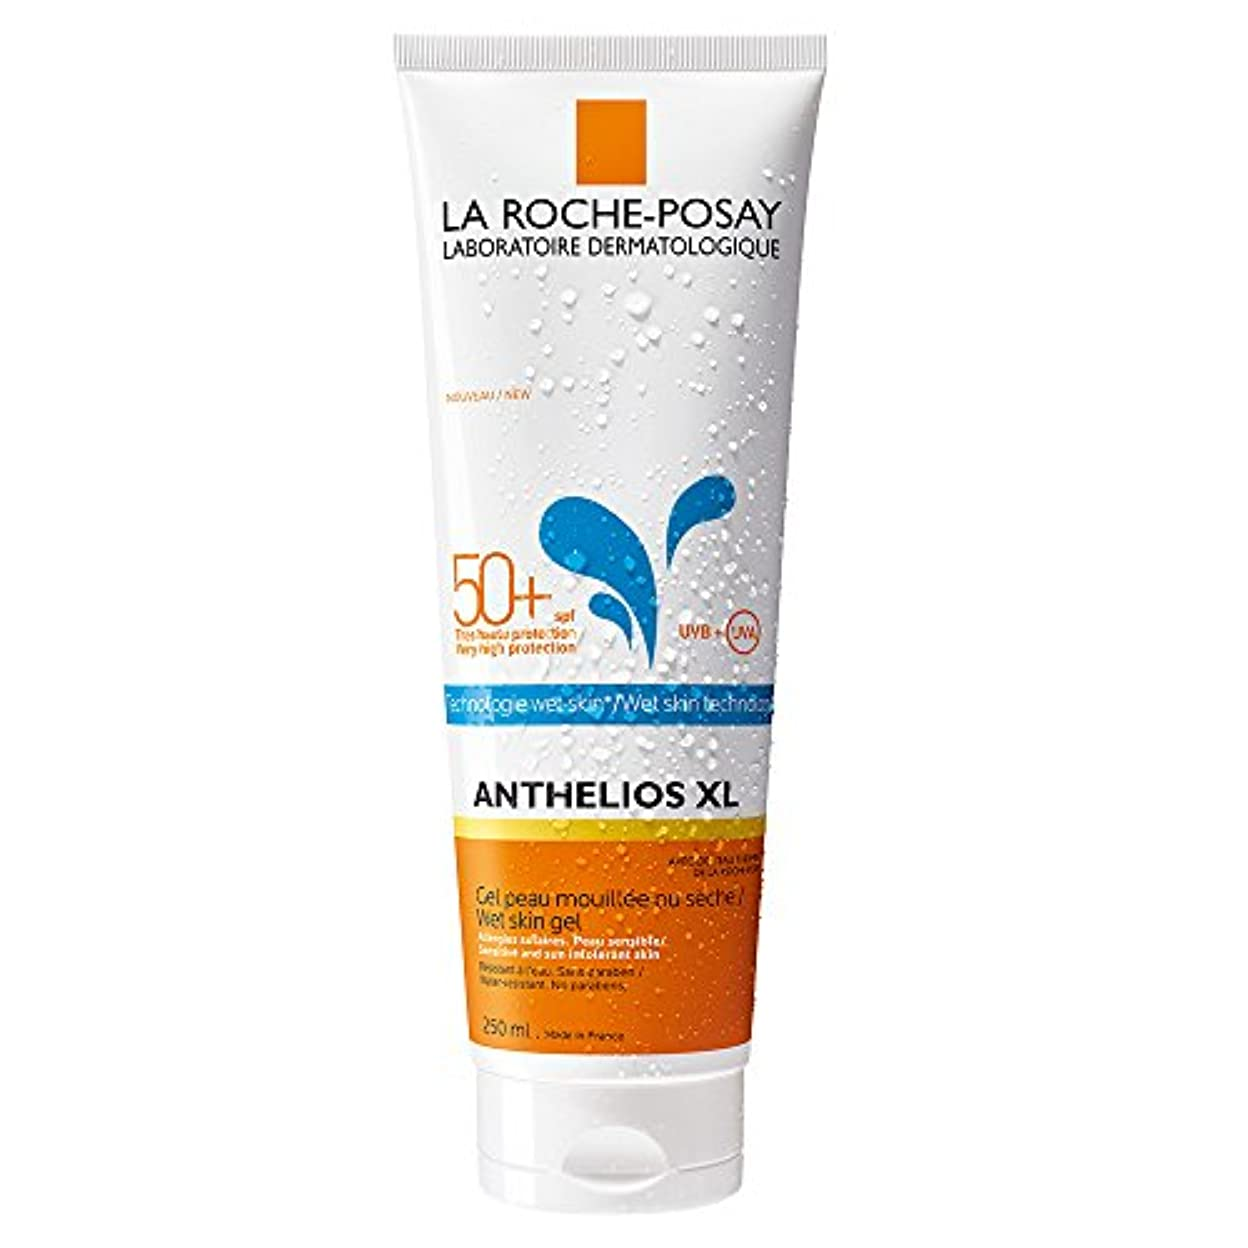 トランジスタ浸漬がっかりしたLa Roche-Posay(ラロッシュポゼ) 【濡れた肌にも使える日やけ止めジェルクリーム】アンテリオス XL ウェットスキン SPF50+/PA++++ 250mL <フェイス?ボディ用>